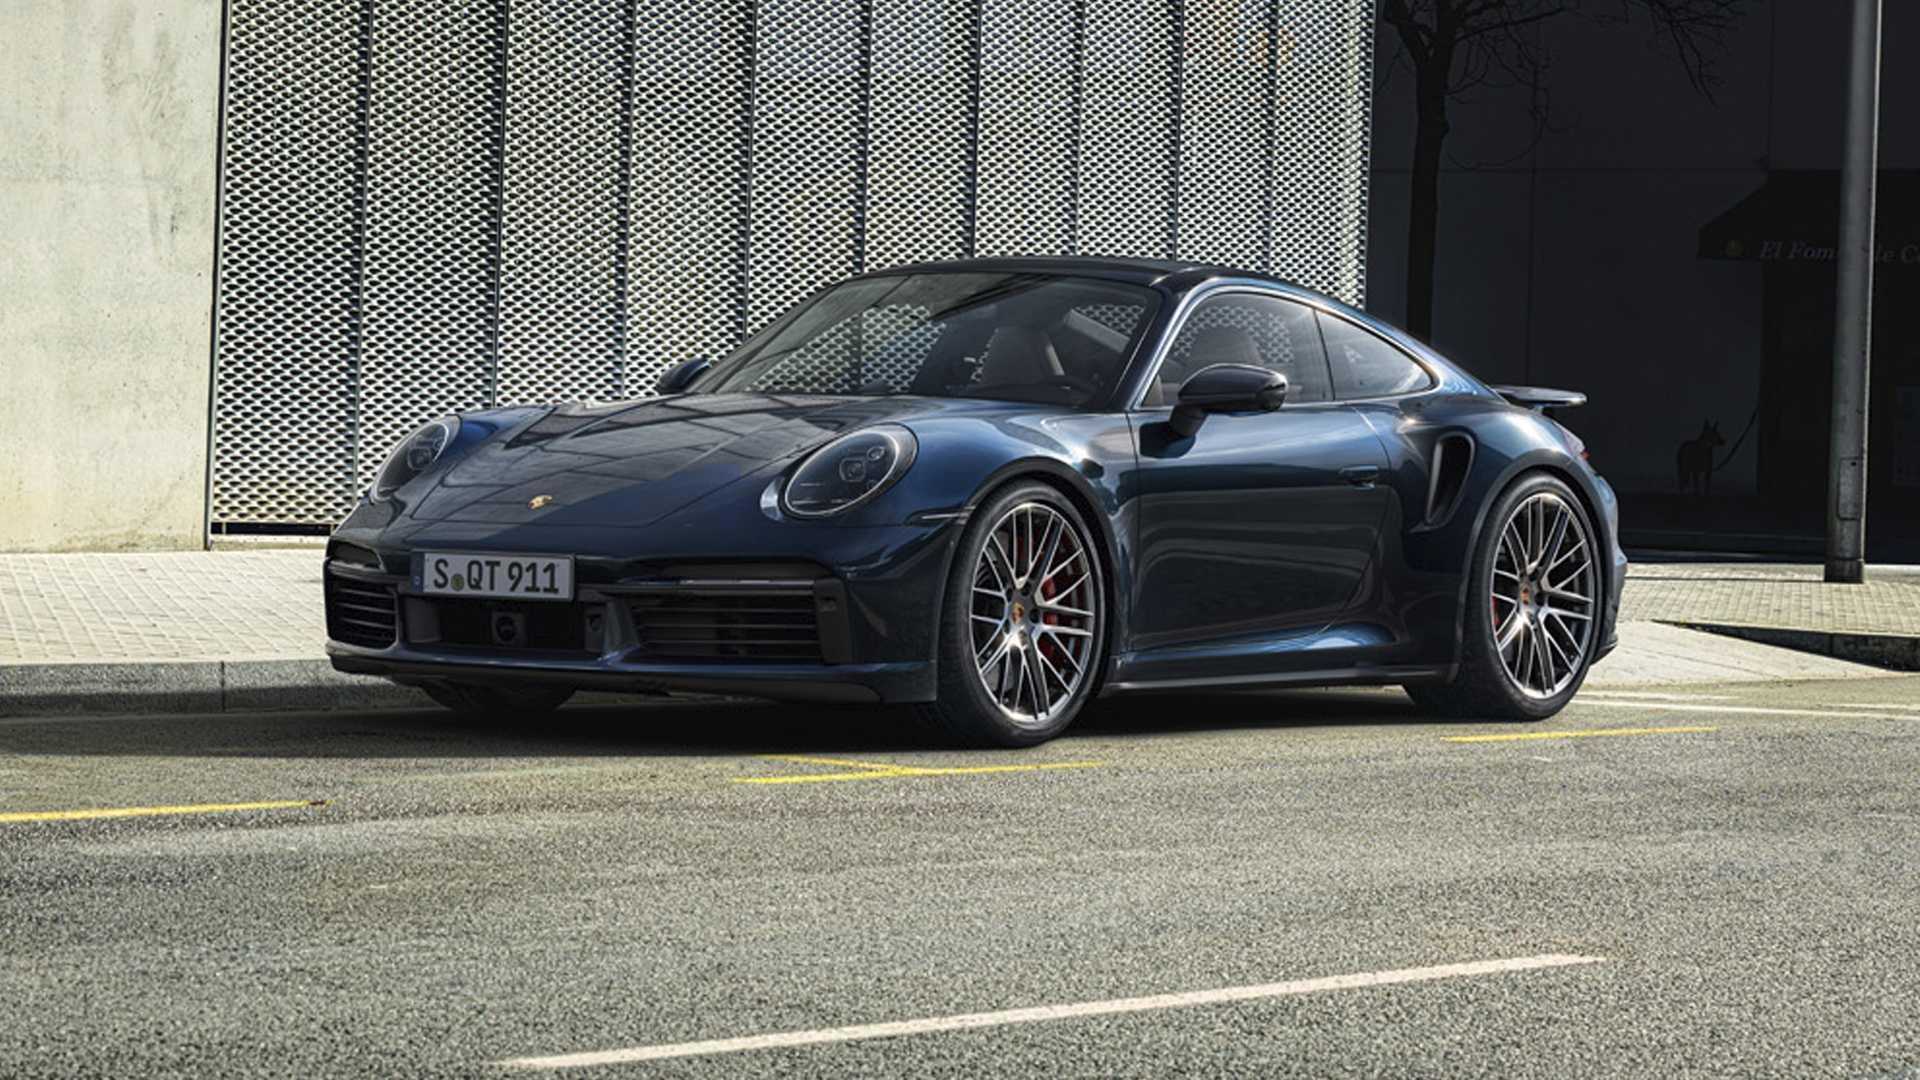 Несколько дней назад компания Porsche анонсировала новый 911 Turbo в кузовах кабриолет и купе. Двигатель у них остался все тот же, объемом 3.8 литра, с турбиной, а вот мощность была уменьшена до 580 л.с.